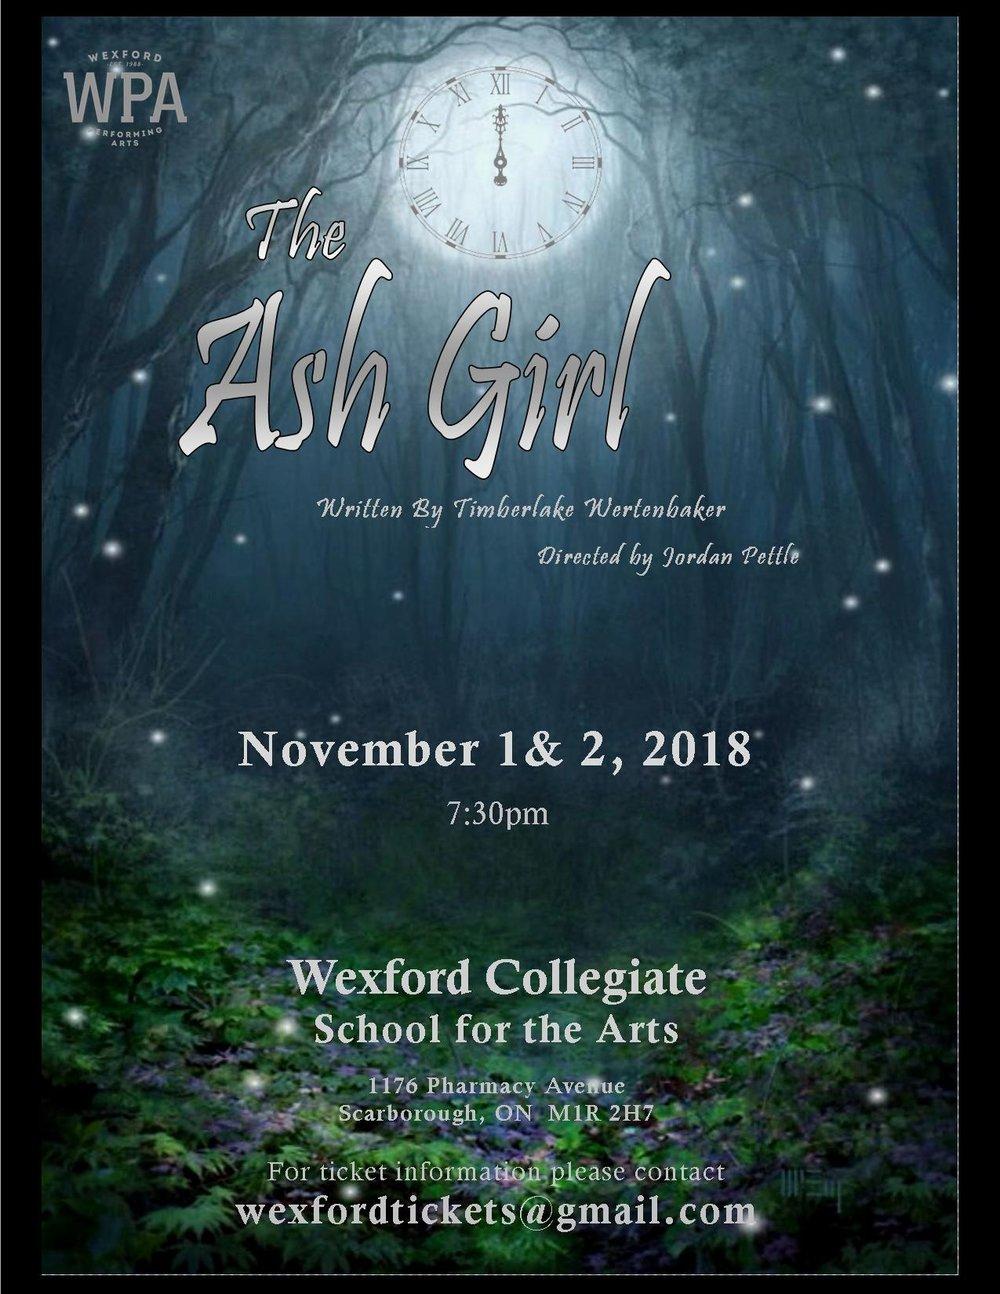 The+Ash+Girl+Poster.jpg